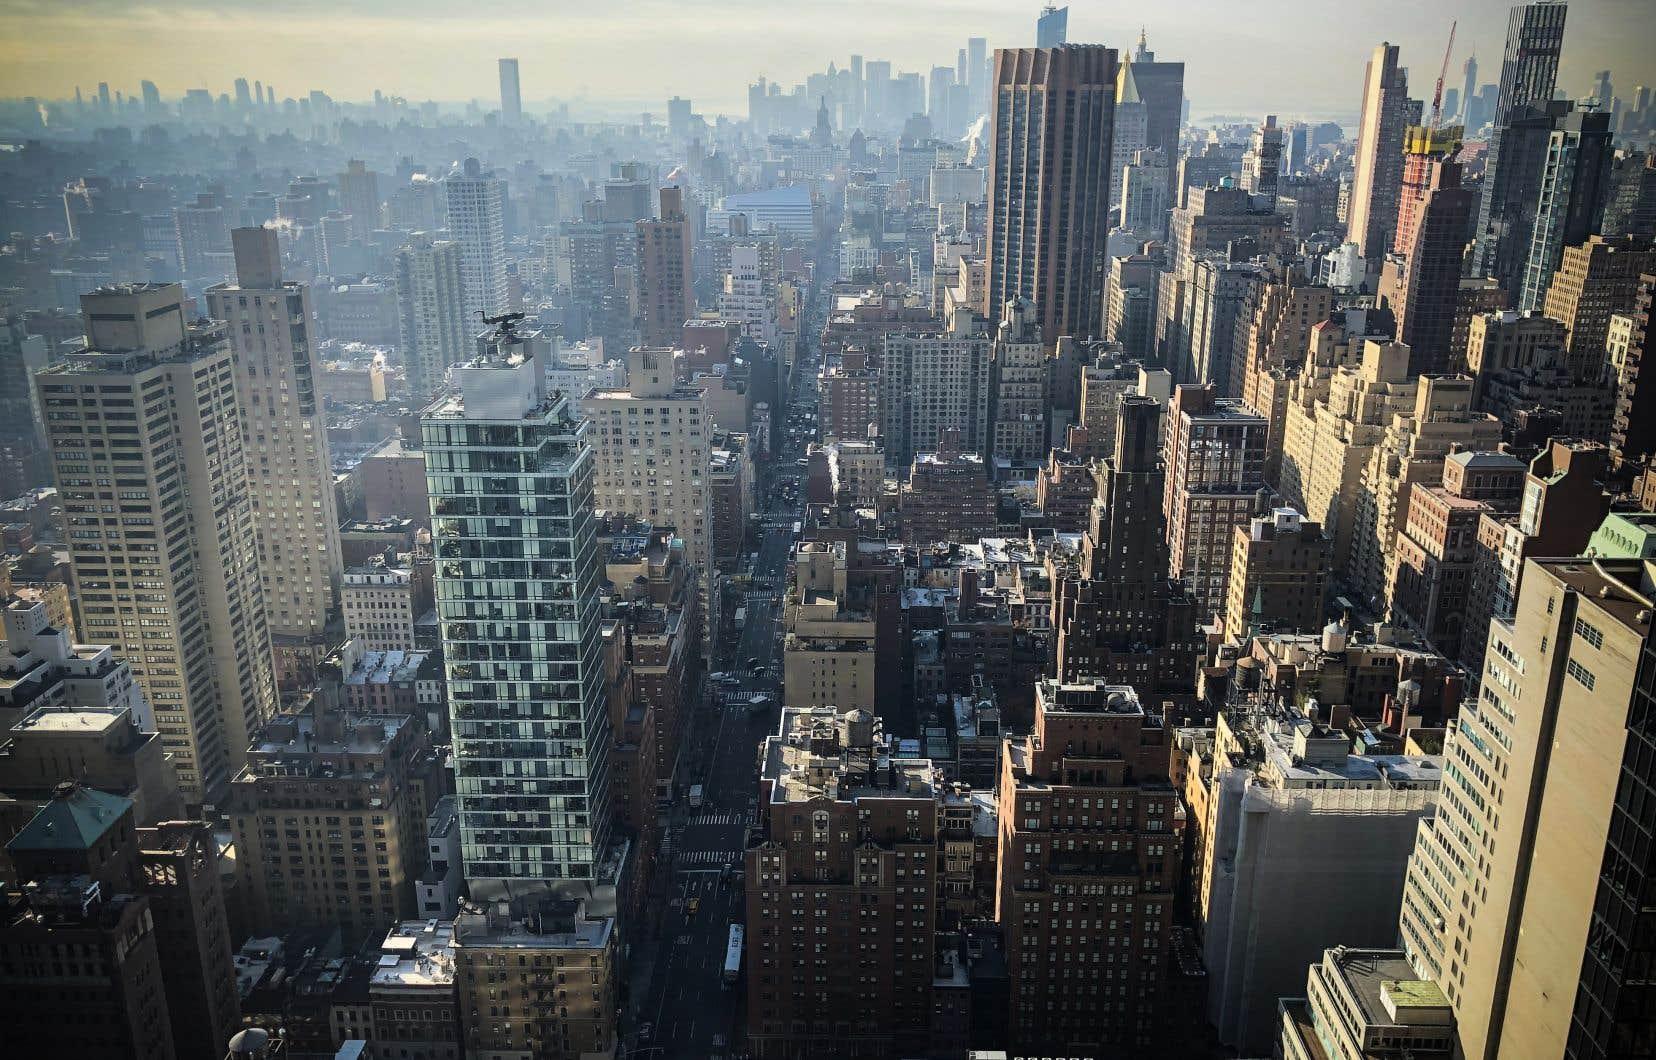 New York a enregistré une fin d'année historique et connu, notamment, mi-octobre, son premier week-end sans fusillade depuis 25 ans.